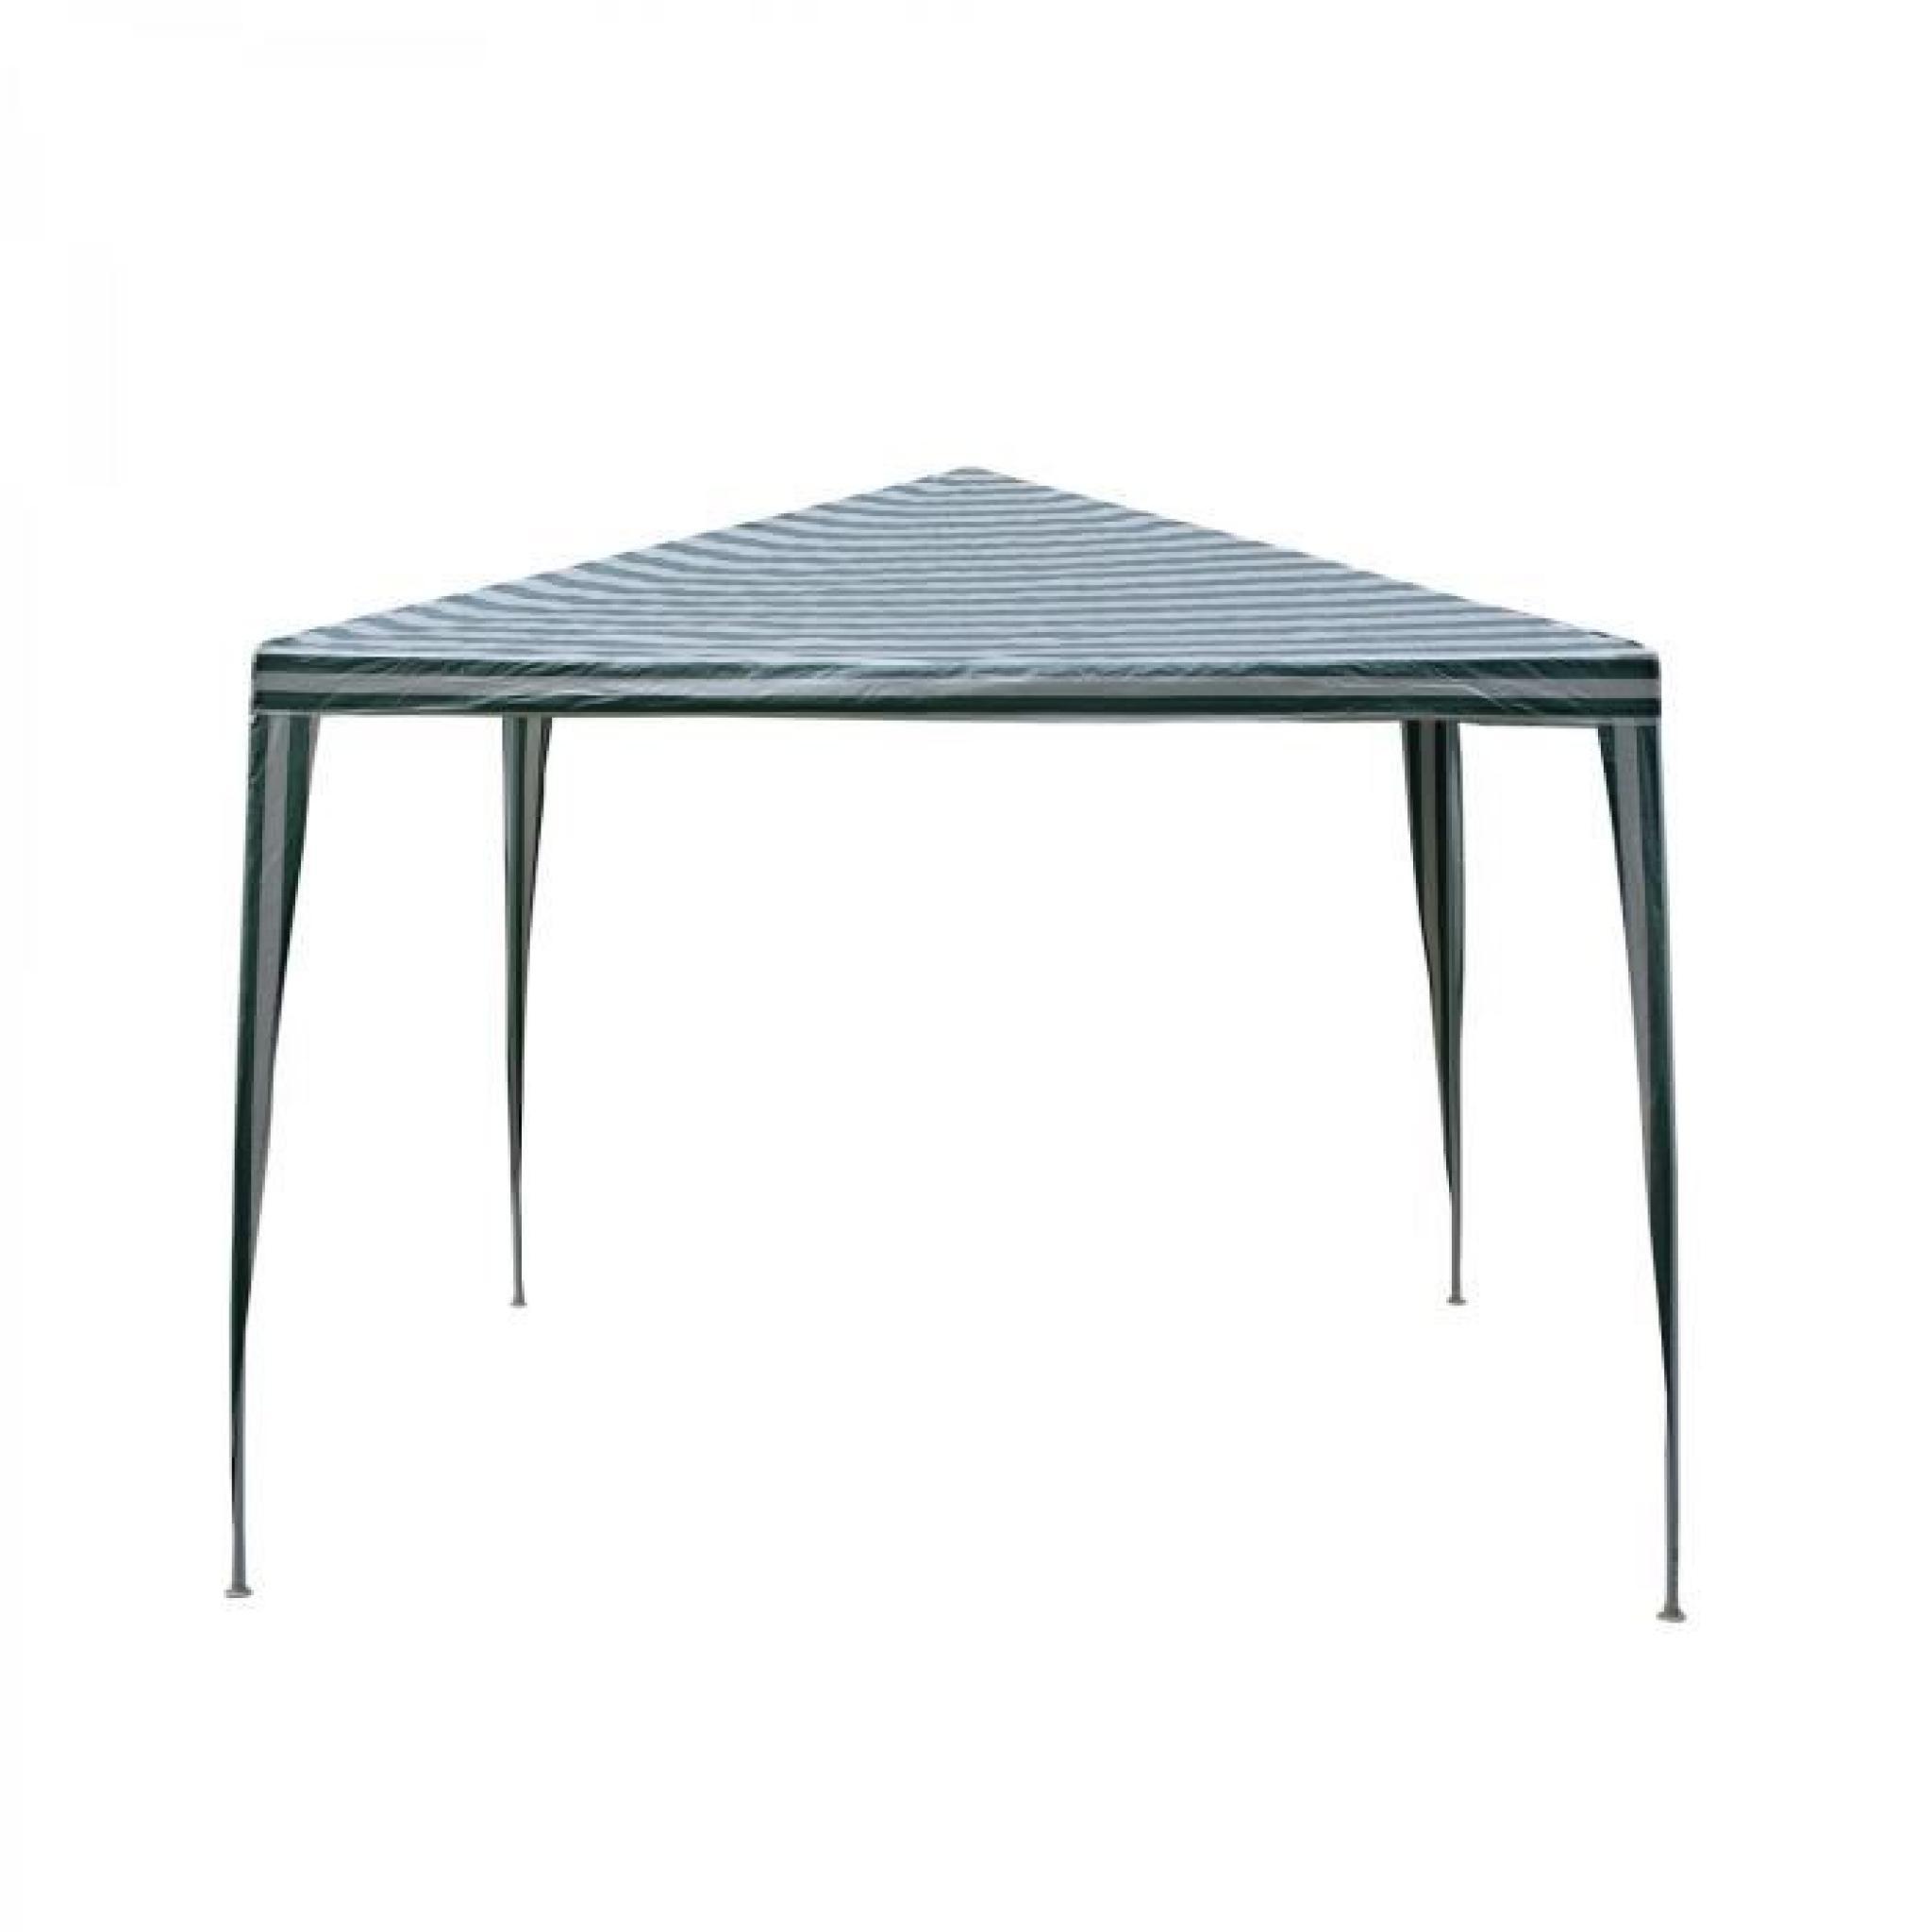 DORAISLAND - Tente de jardin Pergola 3x3m blanc et vert tonnelle ...